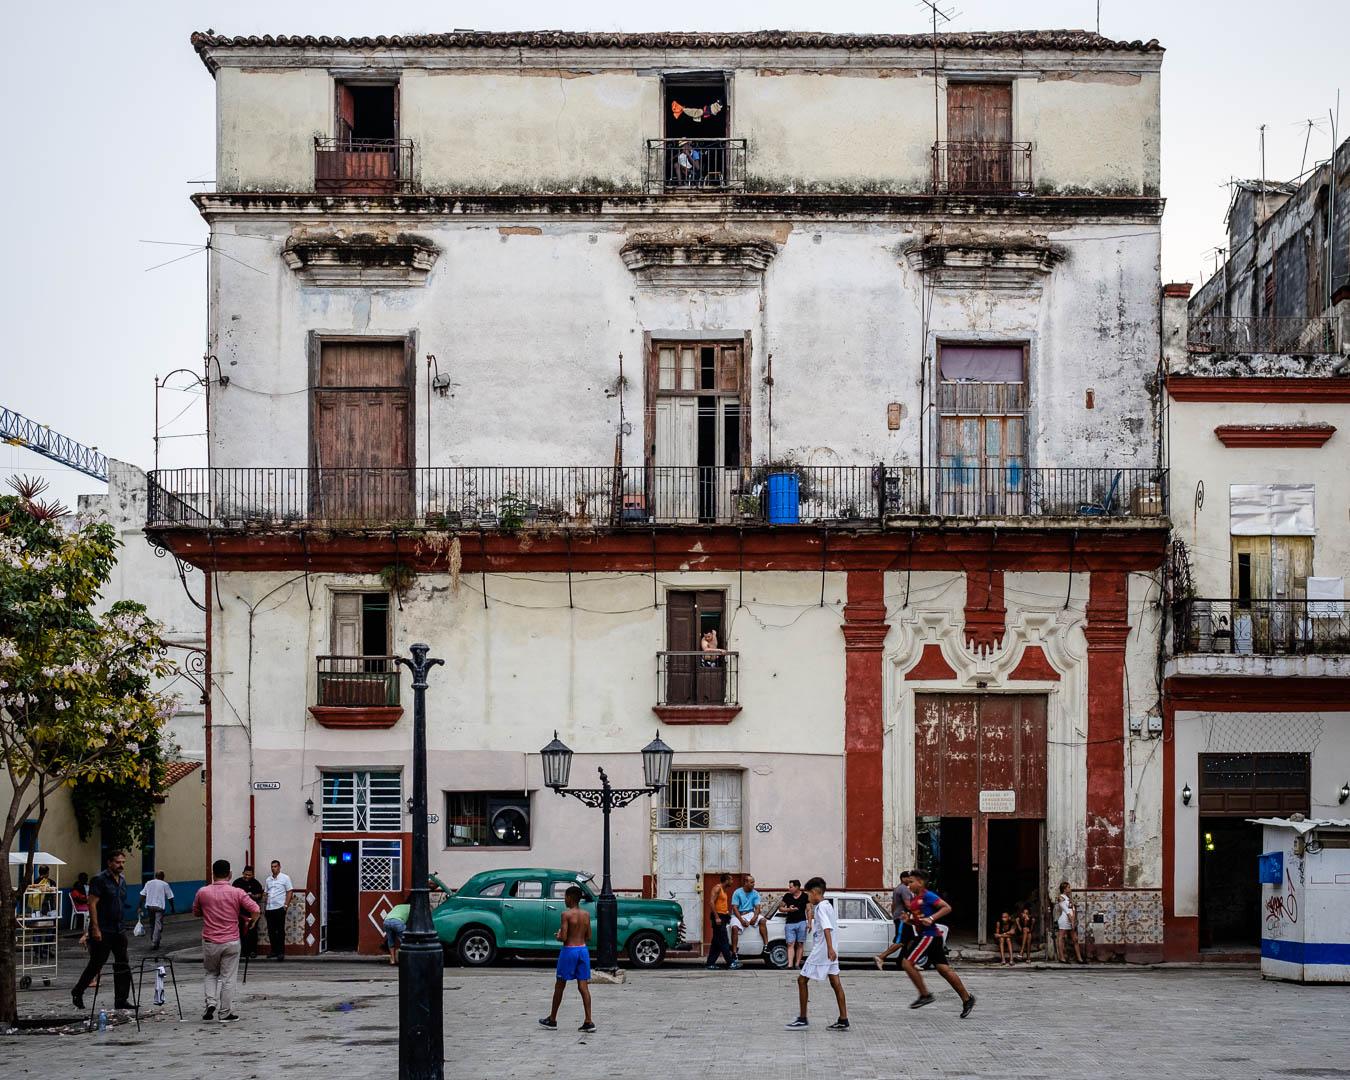 180426-Havana-233-1080.jpg